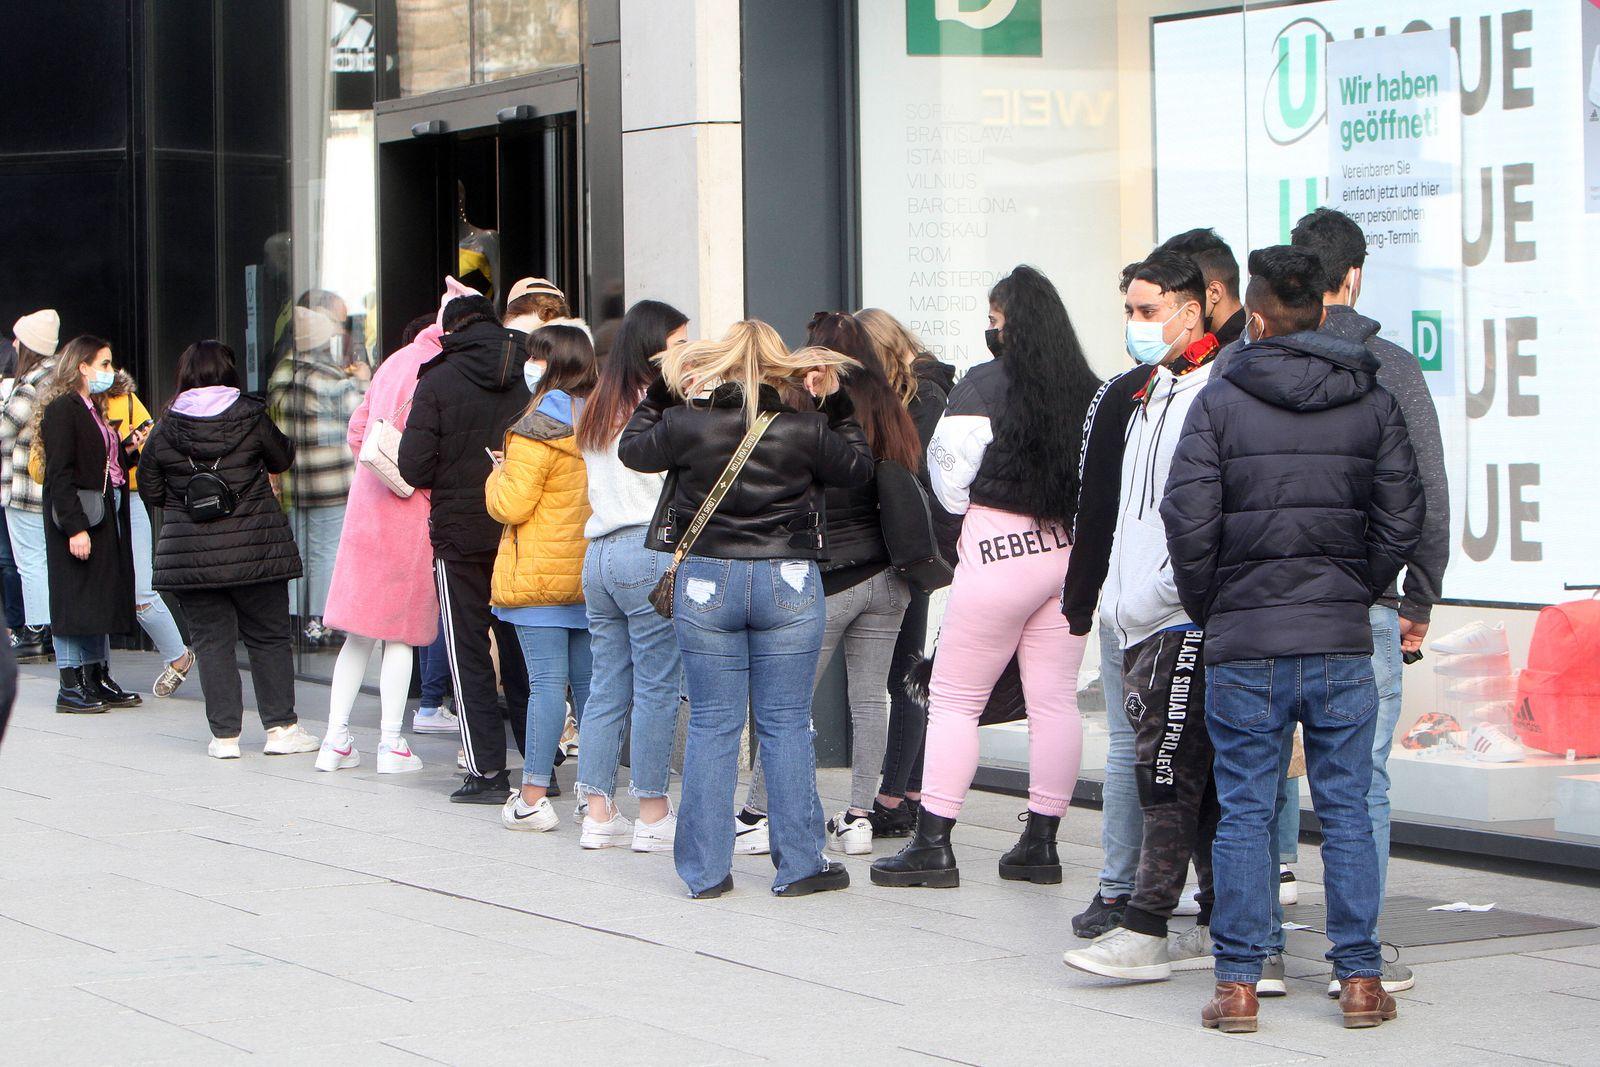 Eine lange Schlang von Kunden steht vor dem Eingang zu einem Modegeschäft in der Fußgängerzone und Einkaufsstraße Zeil,